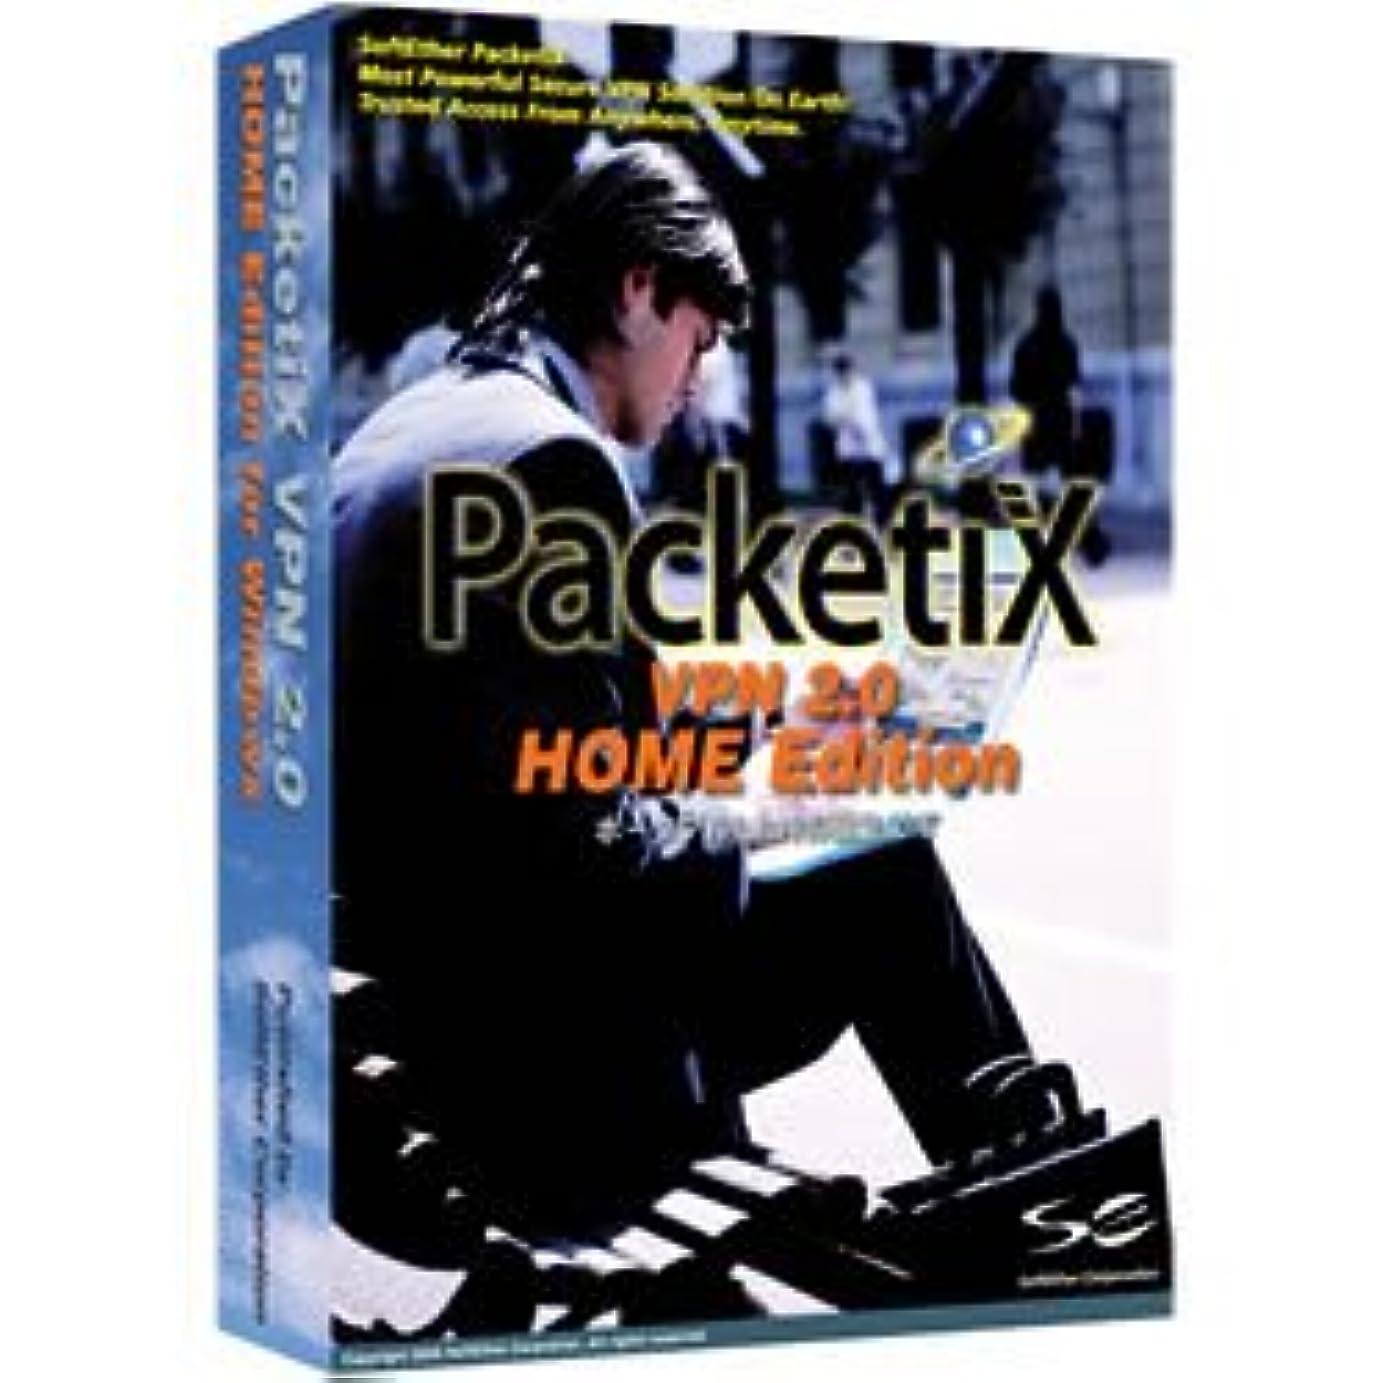 戦い作り顎PacketiX VPN 2.0 HOME Edition for Windows